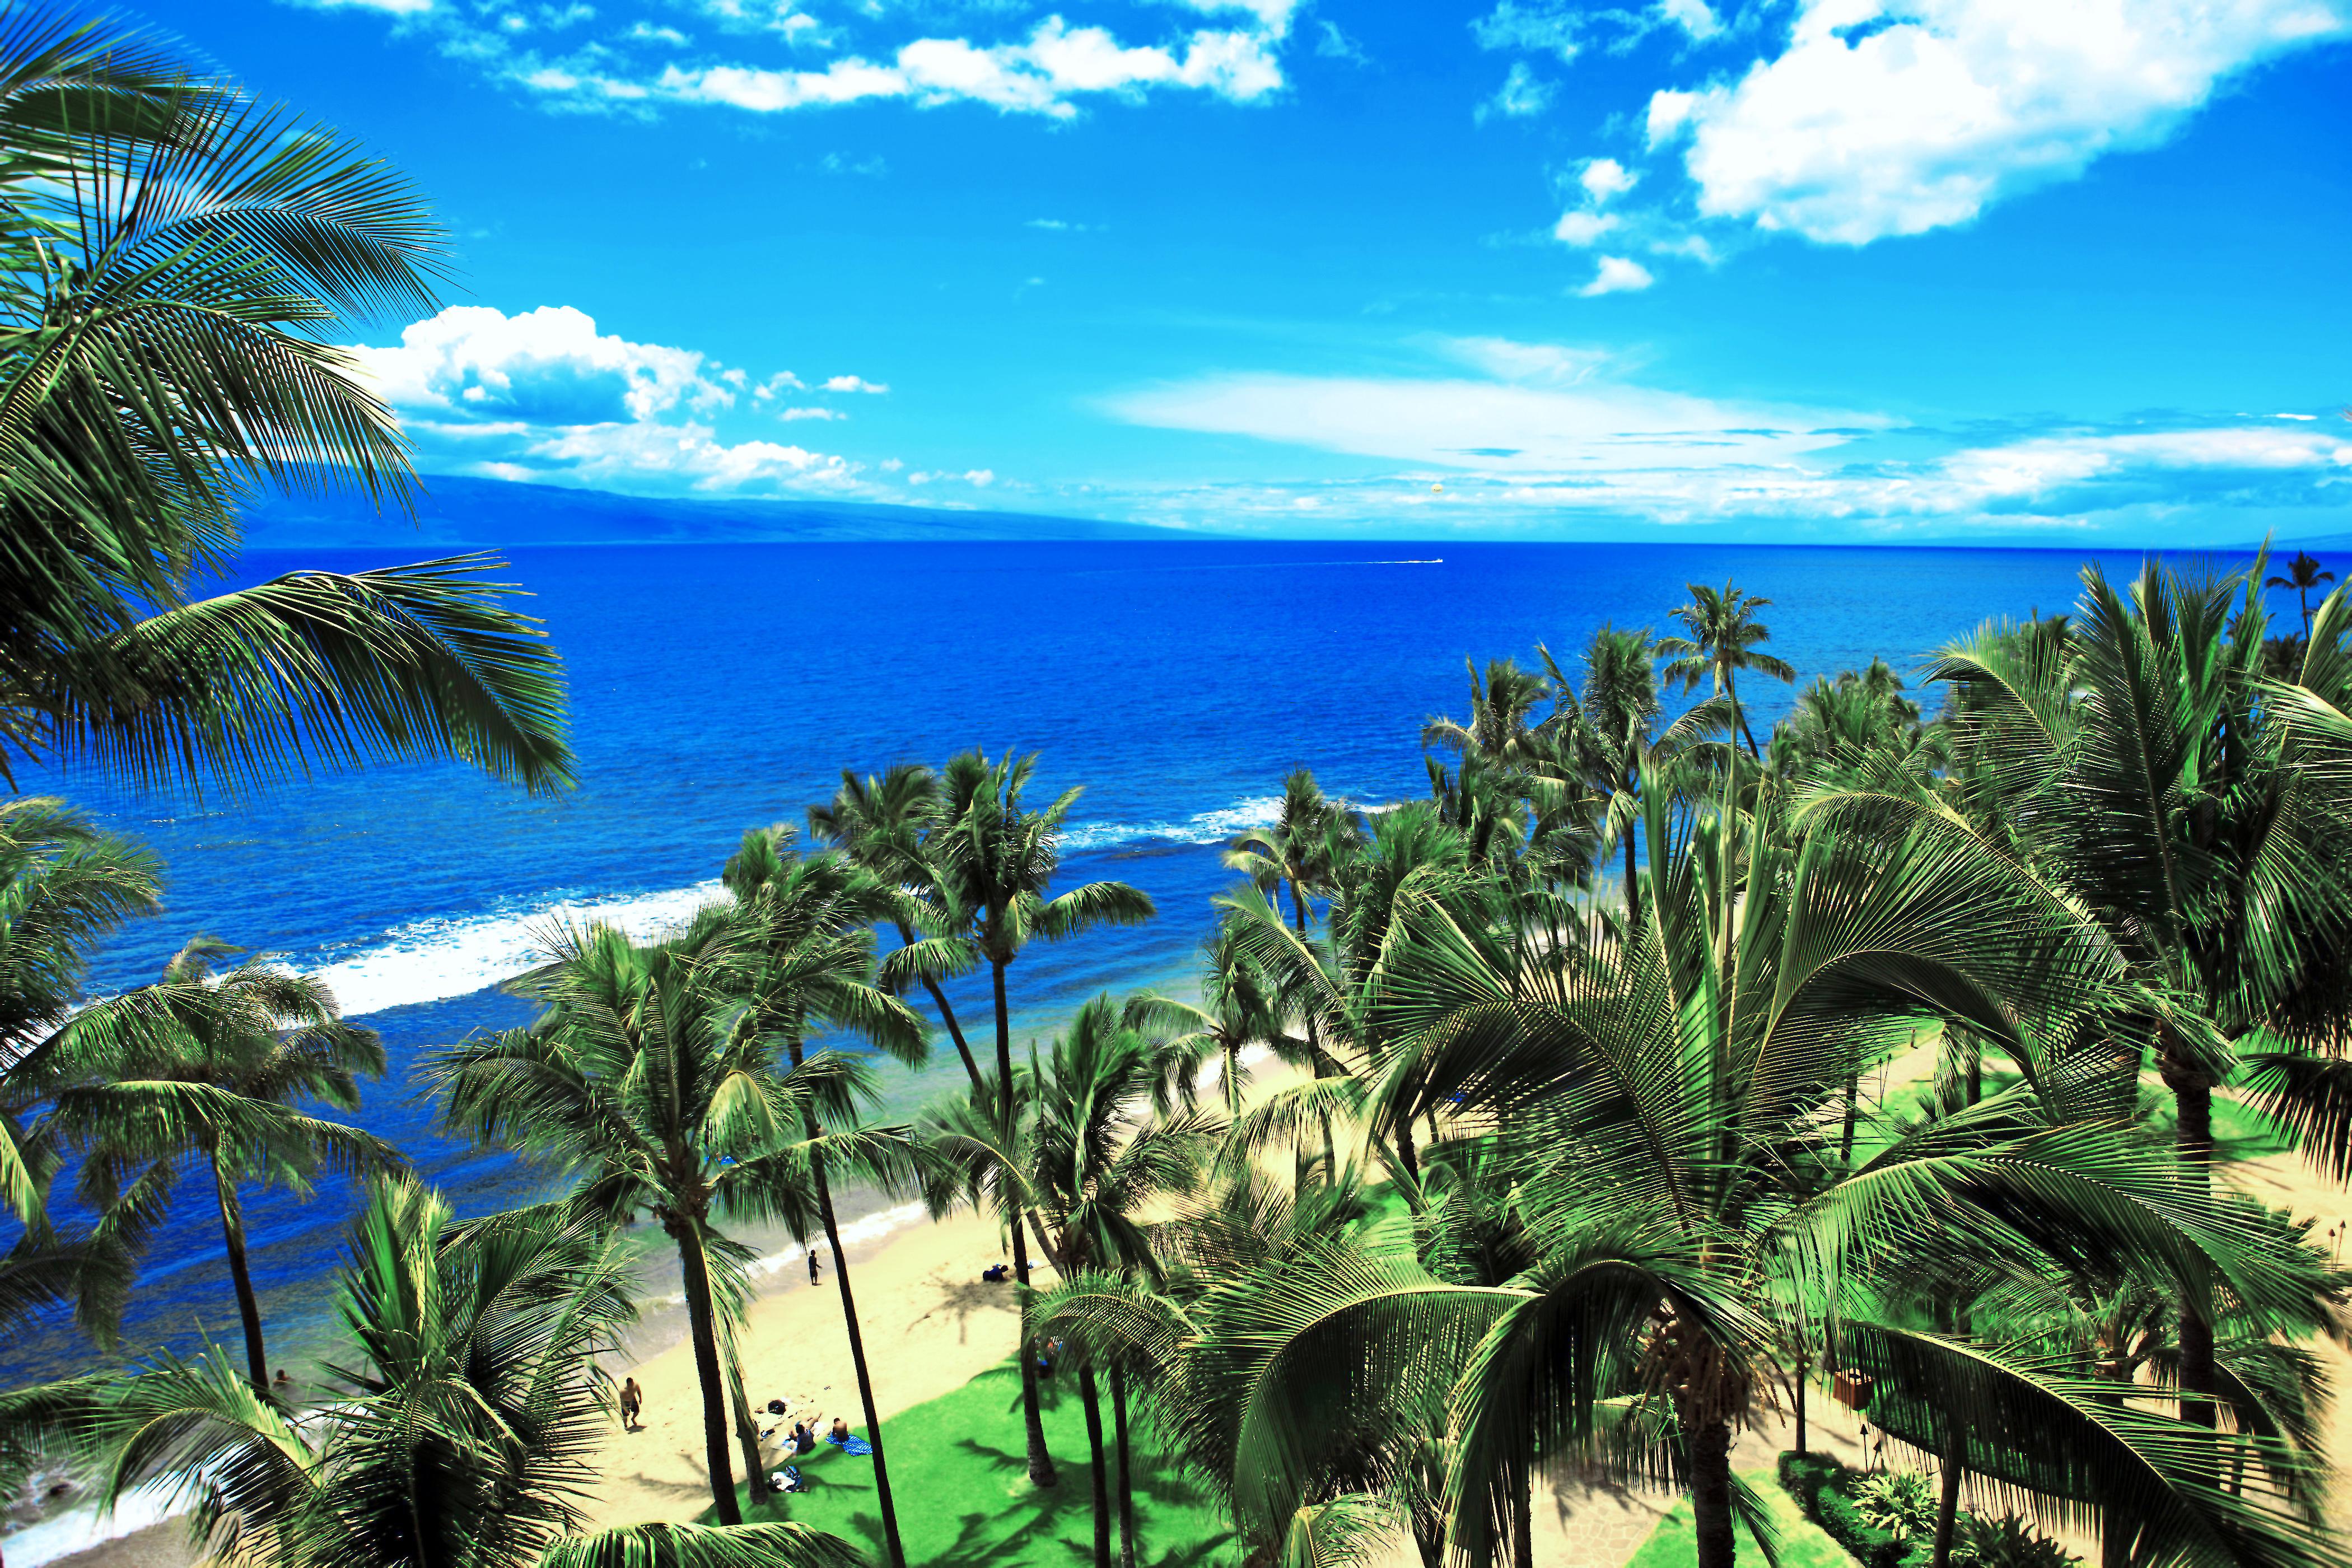 сегодняшний день фото тропических берегов сети появились фото